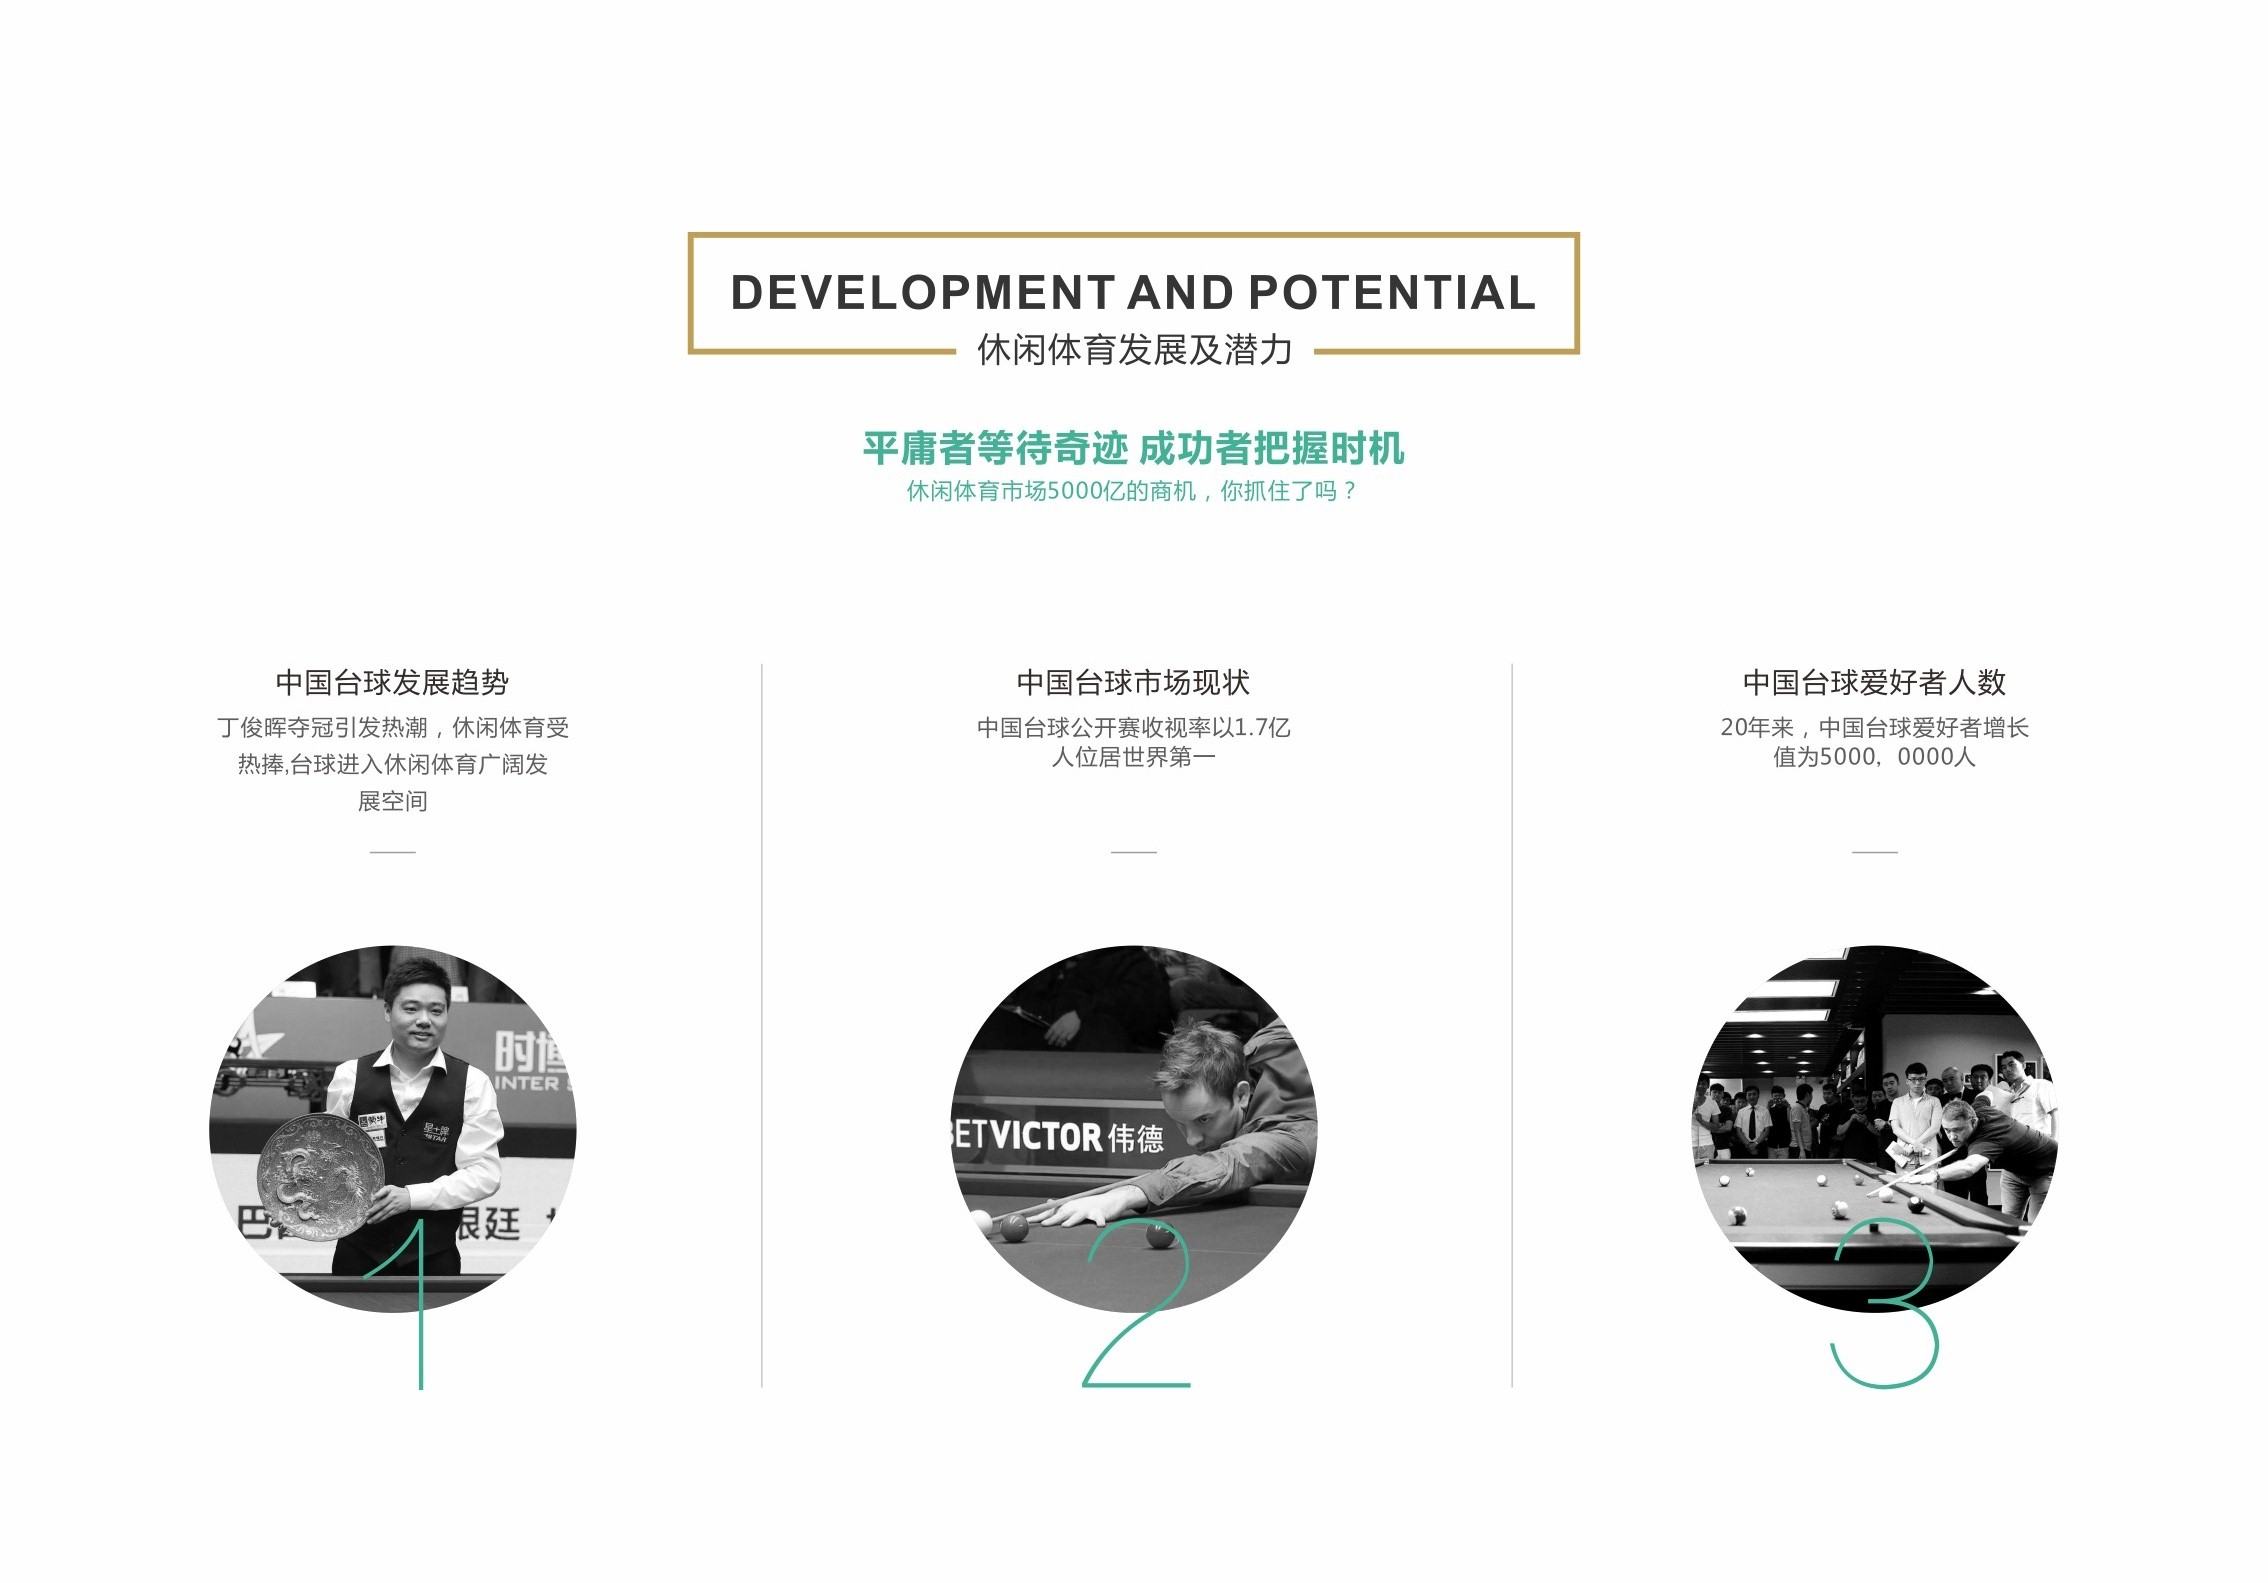 峻奥画册 - 休闲体育发展及潜力